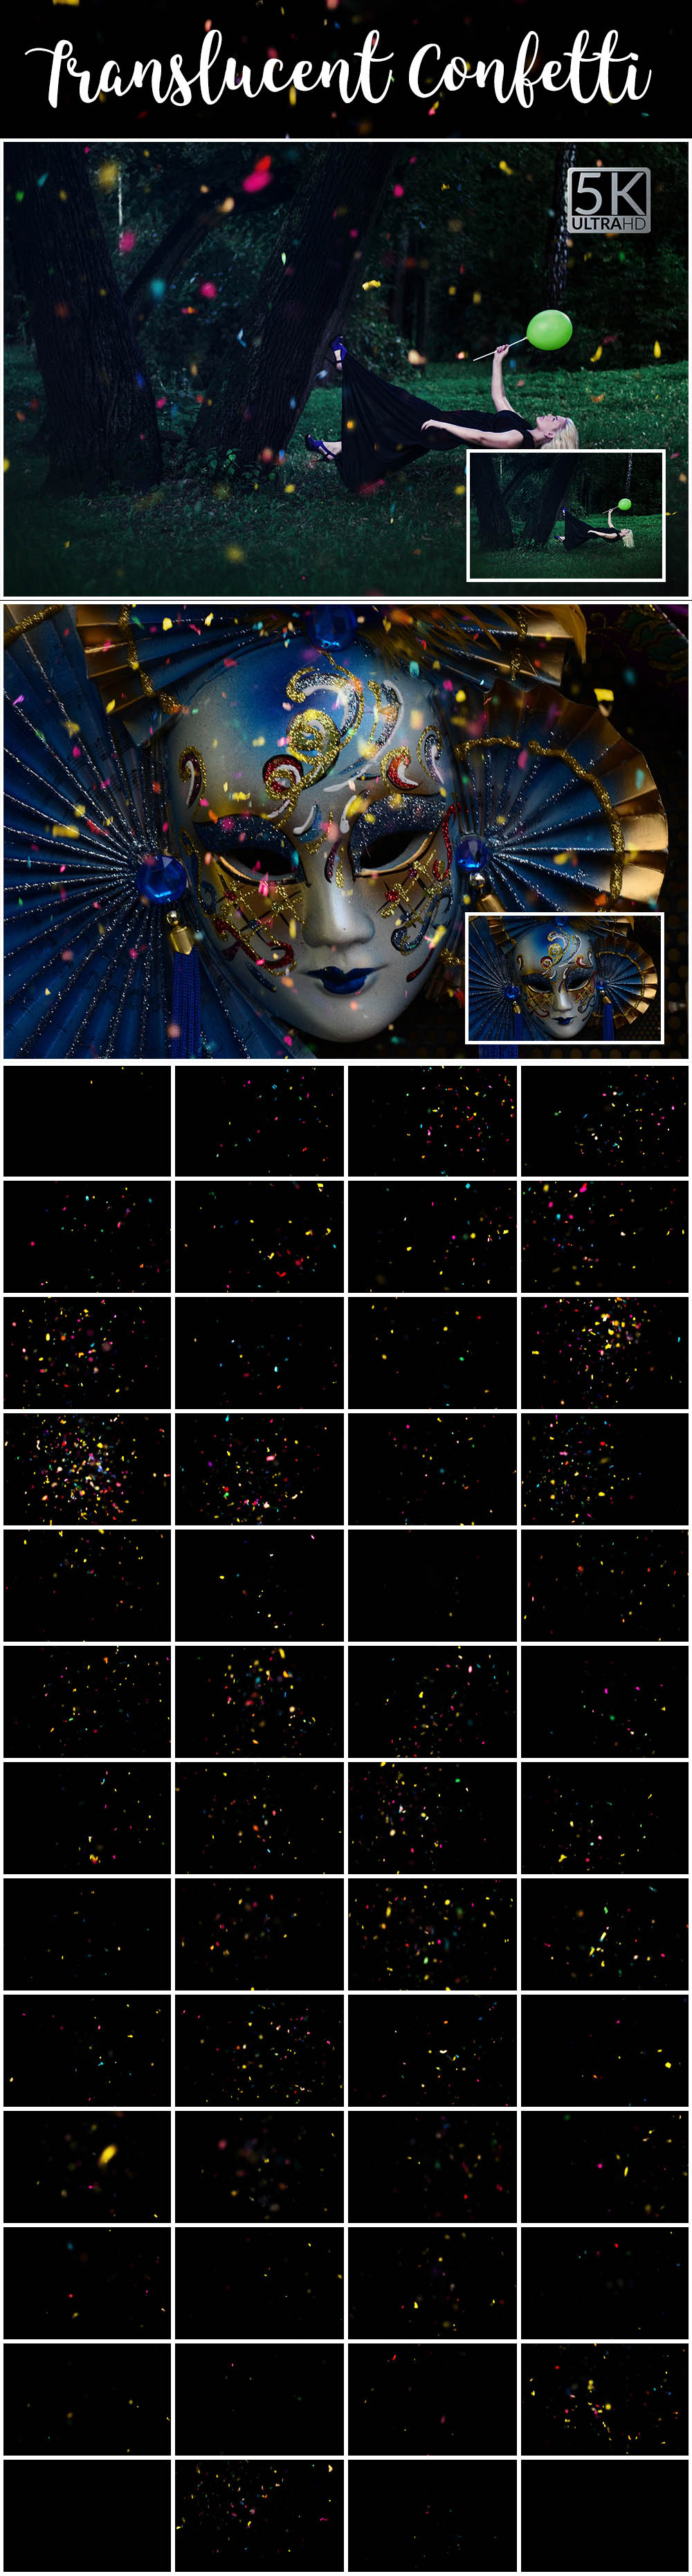 34 - Translucent Confetti